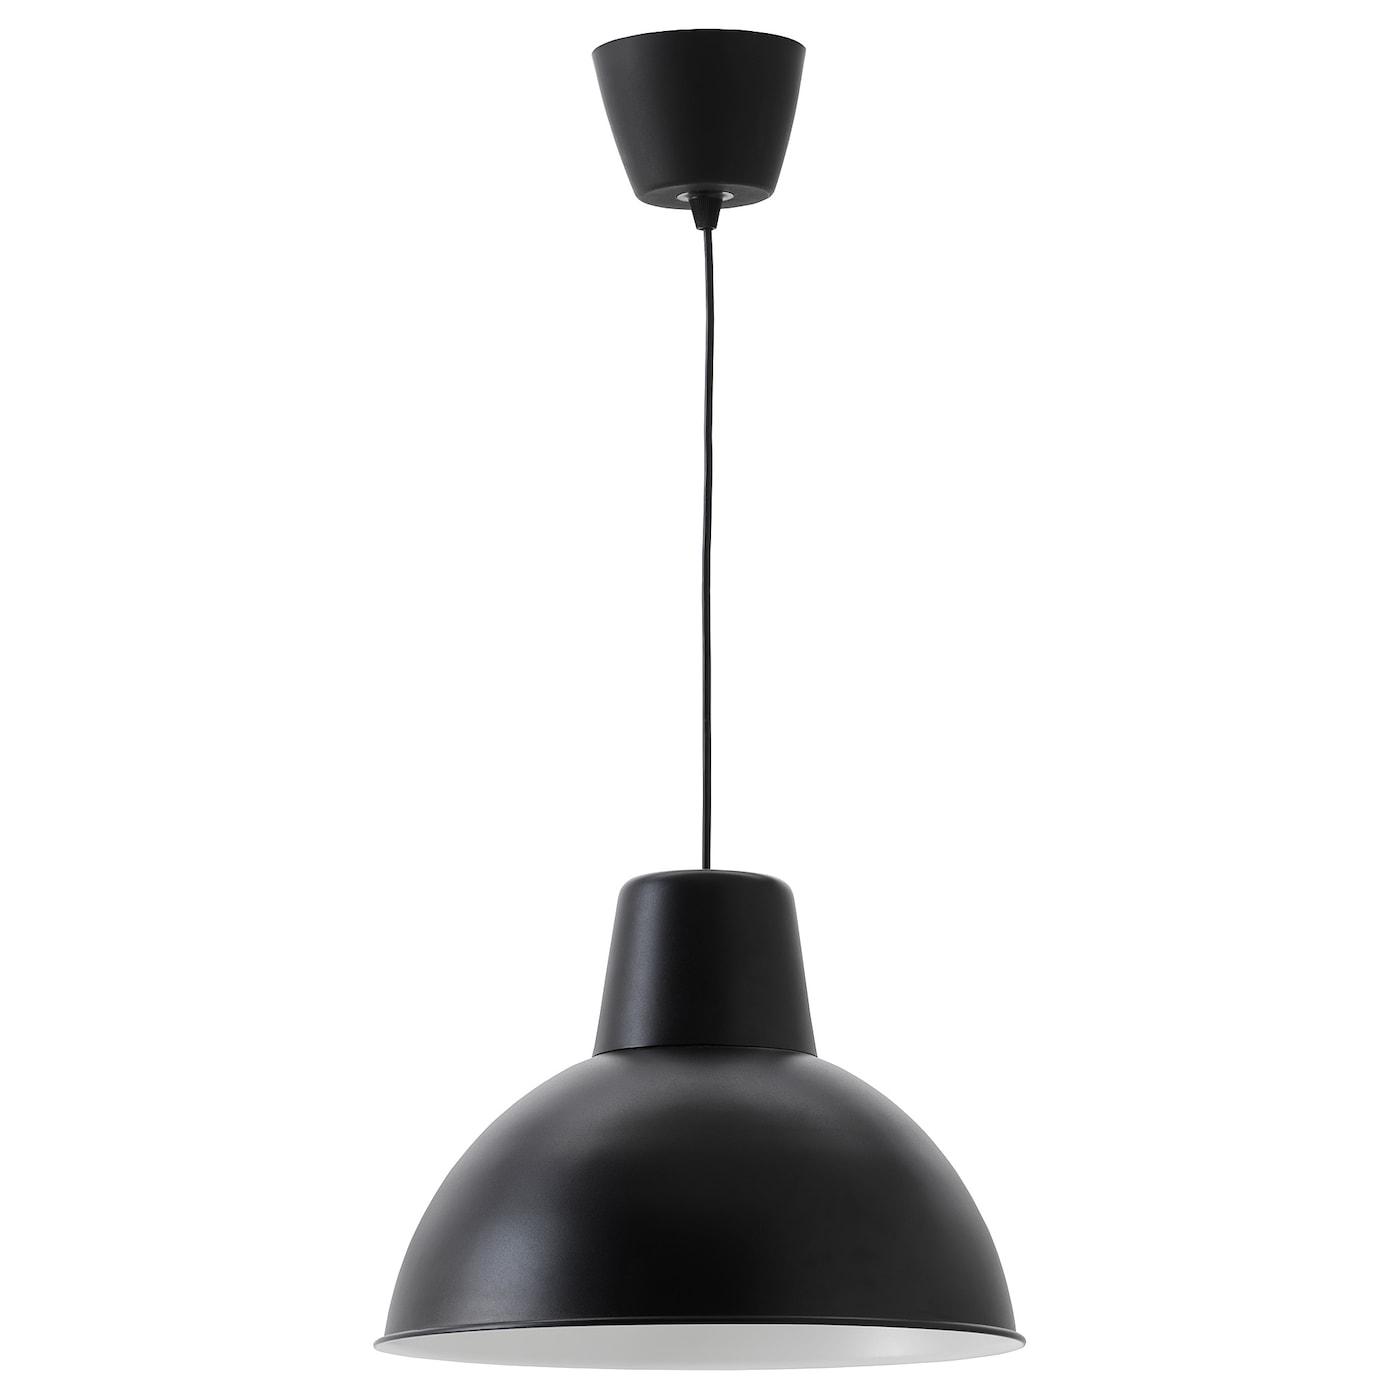 Pendant Lighting Pendant Lamps Amp Chandeliers Ikea